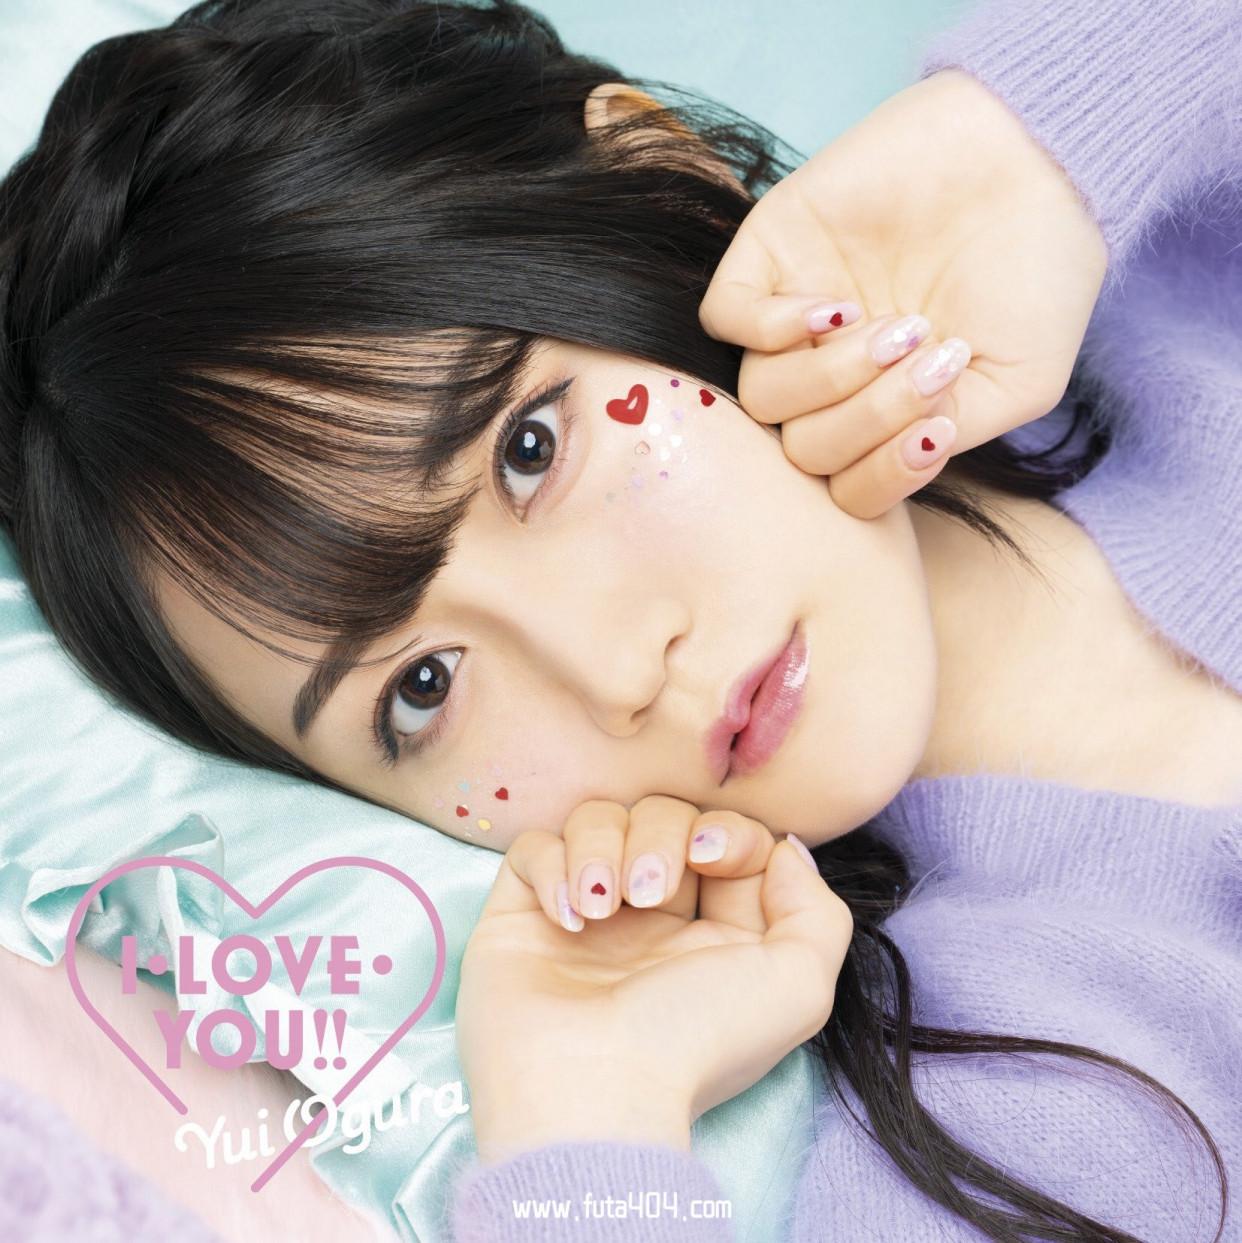 小仓唯11th单曲CD「I・LOVE・YOU!!」下载 小仓唯 动漫音乐 第1张